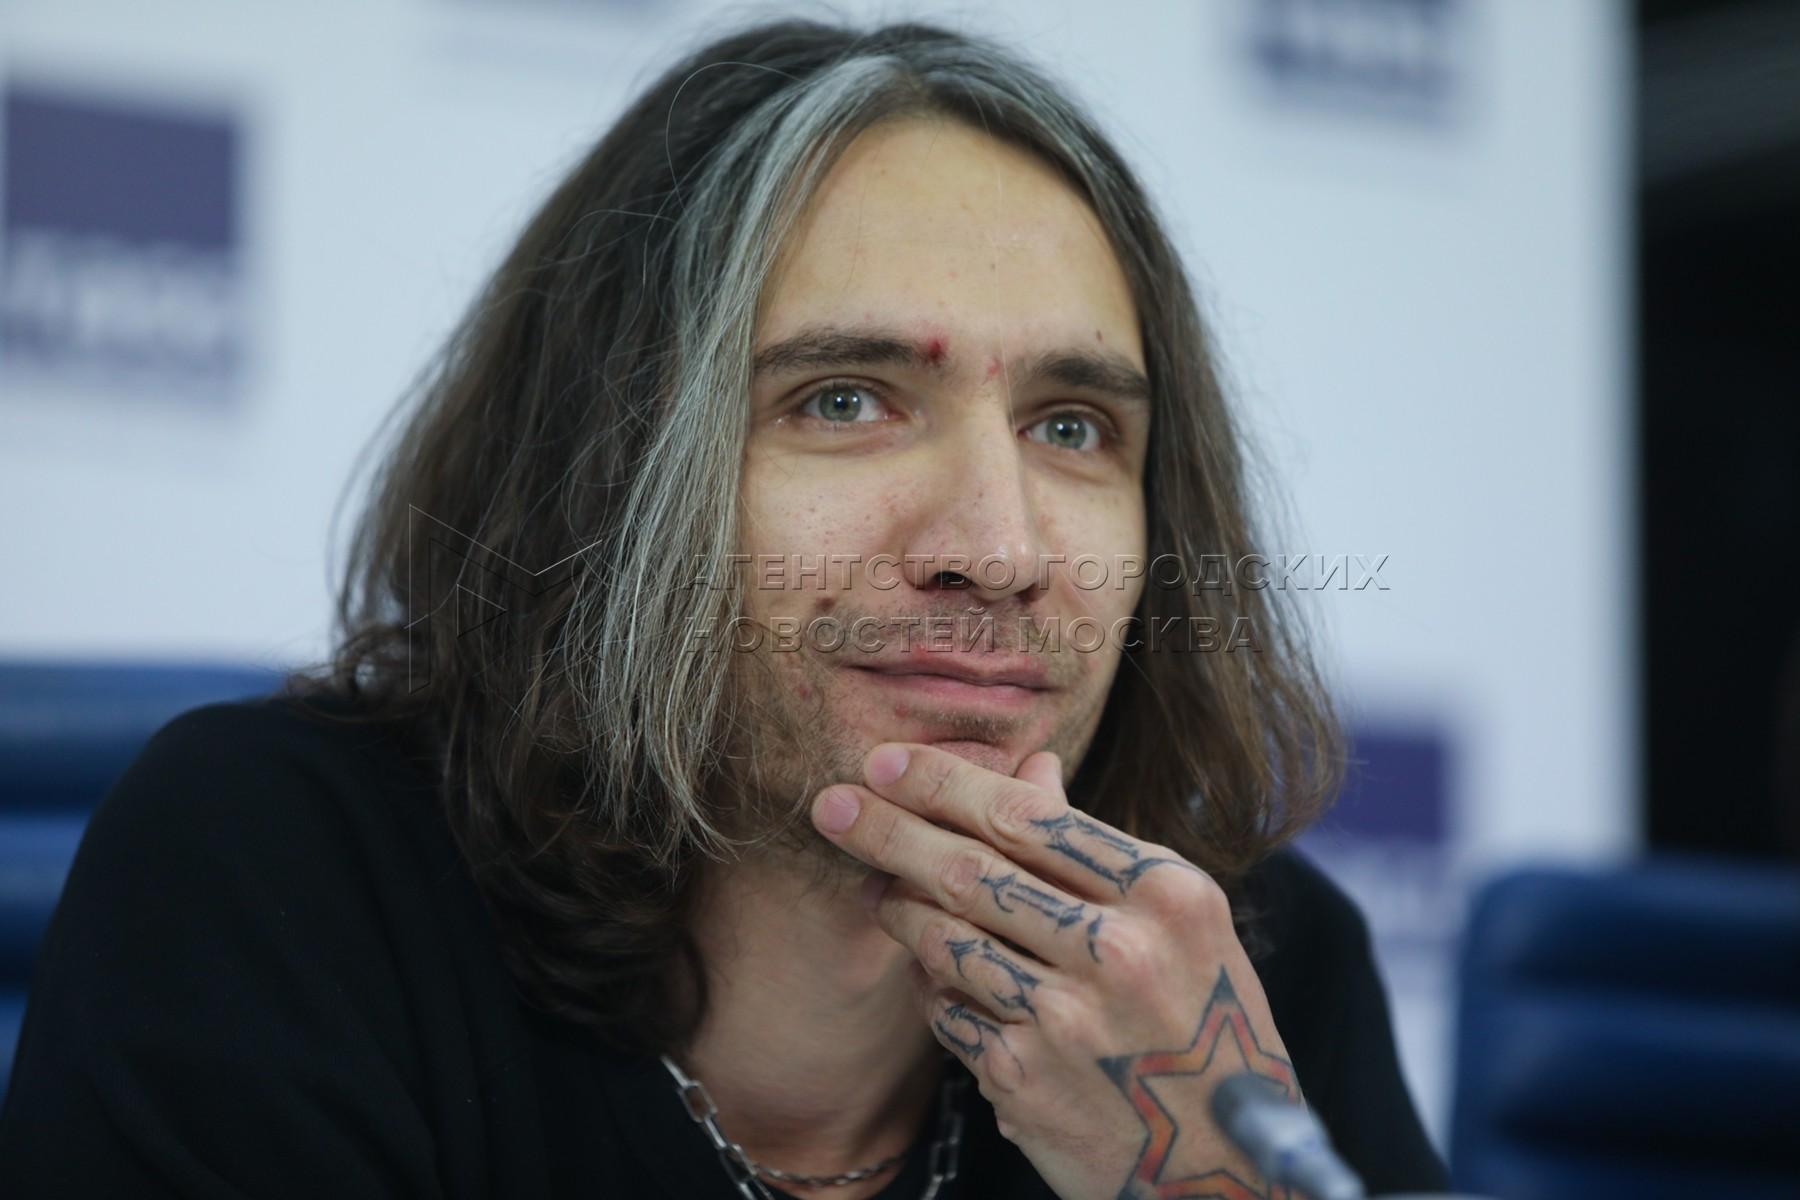 Сын лидера группы «Кино» Виктора Цоя, рок-музыкант, композитор, гитарист Александр Цой во время пресс-конференции, посвященной концертам группы «Кино» в 2020 г.